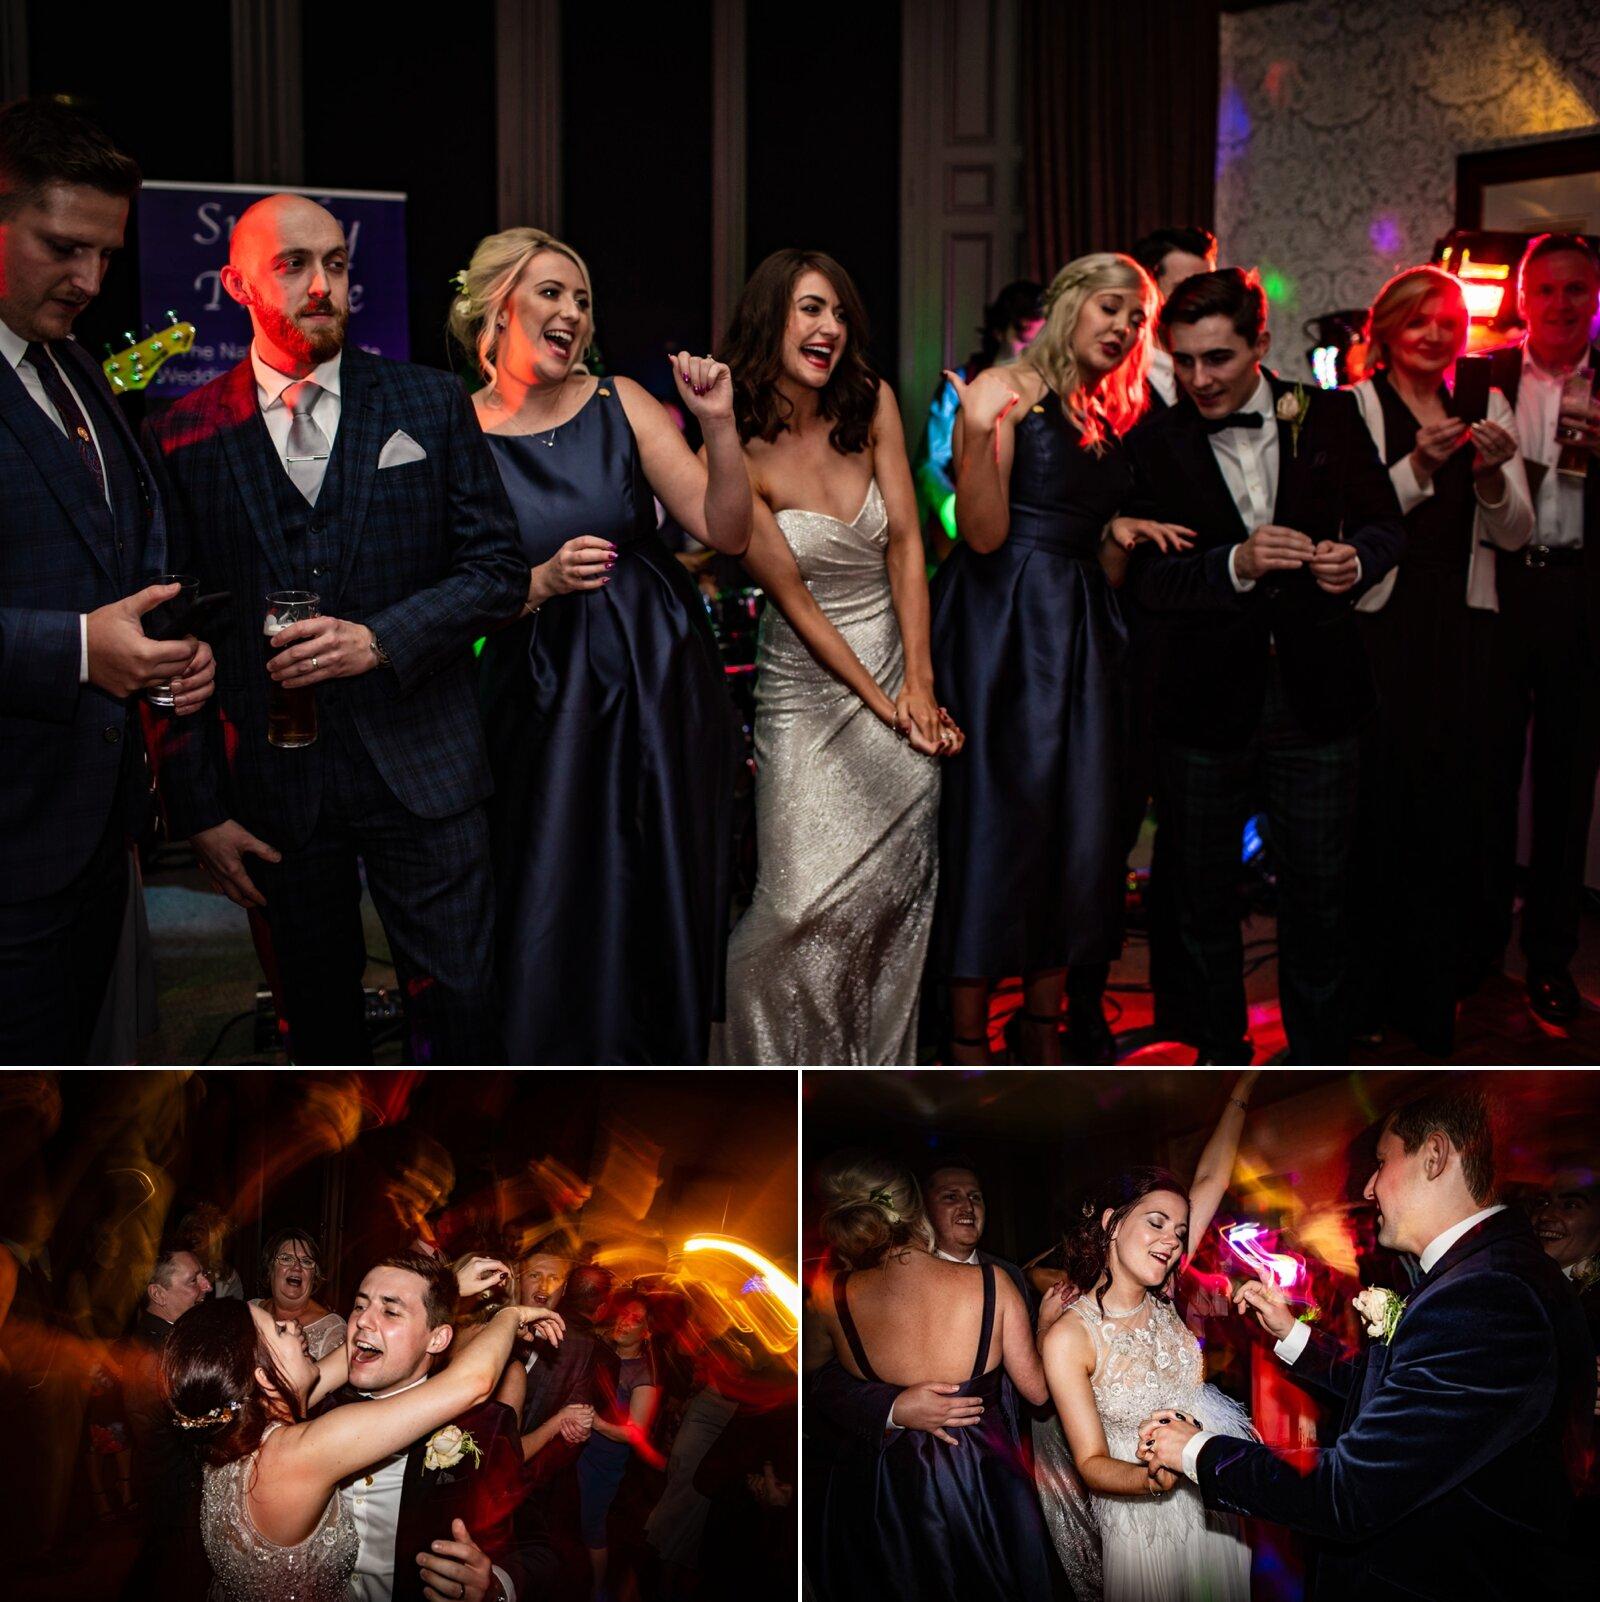 Andy&Szerdi-Photography_Party_Elaine-Stephen-7.jpg